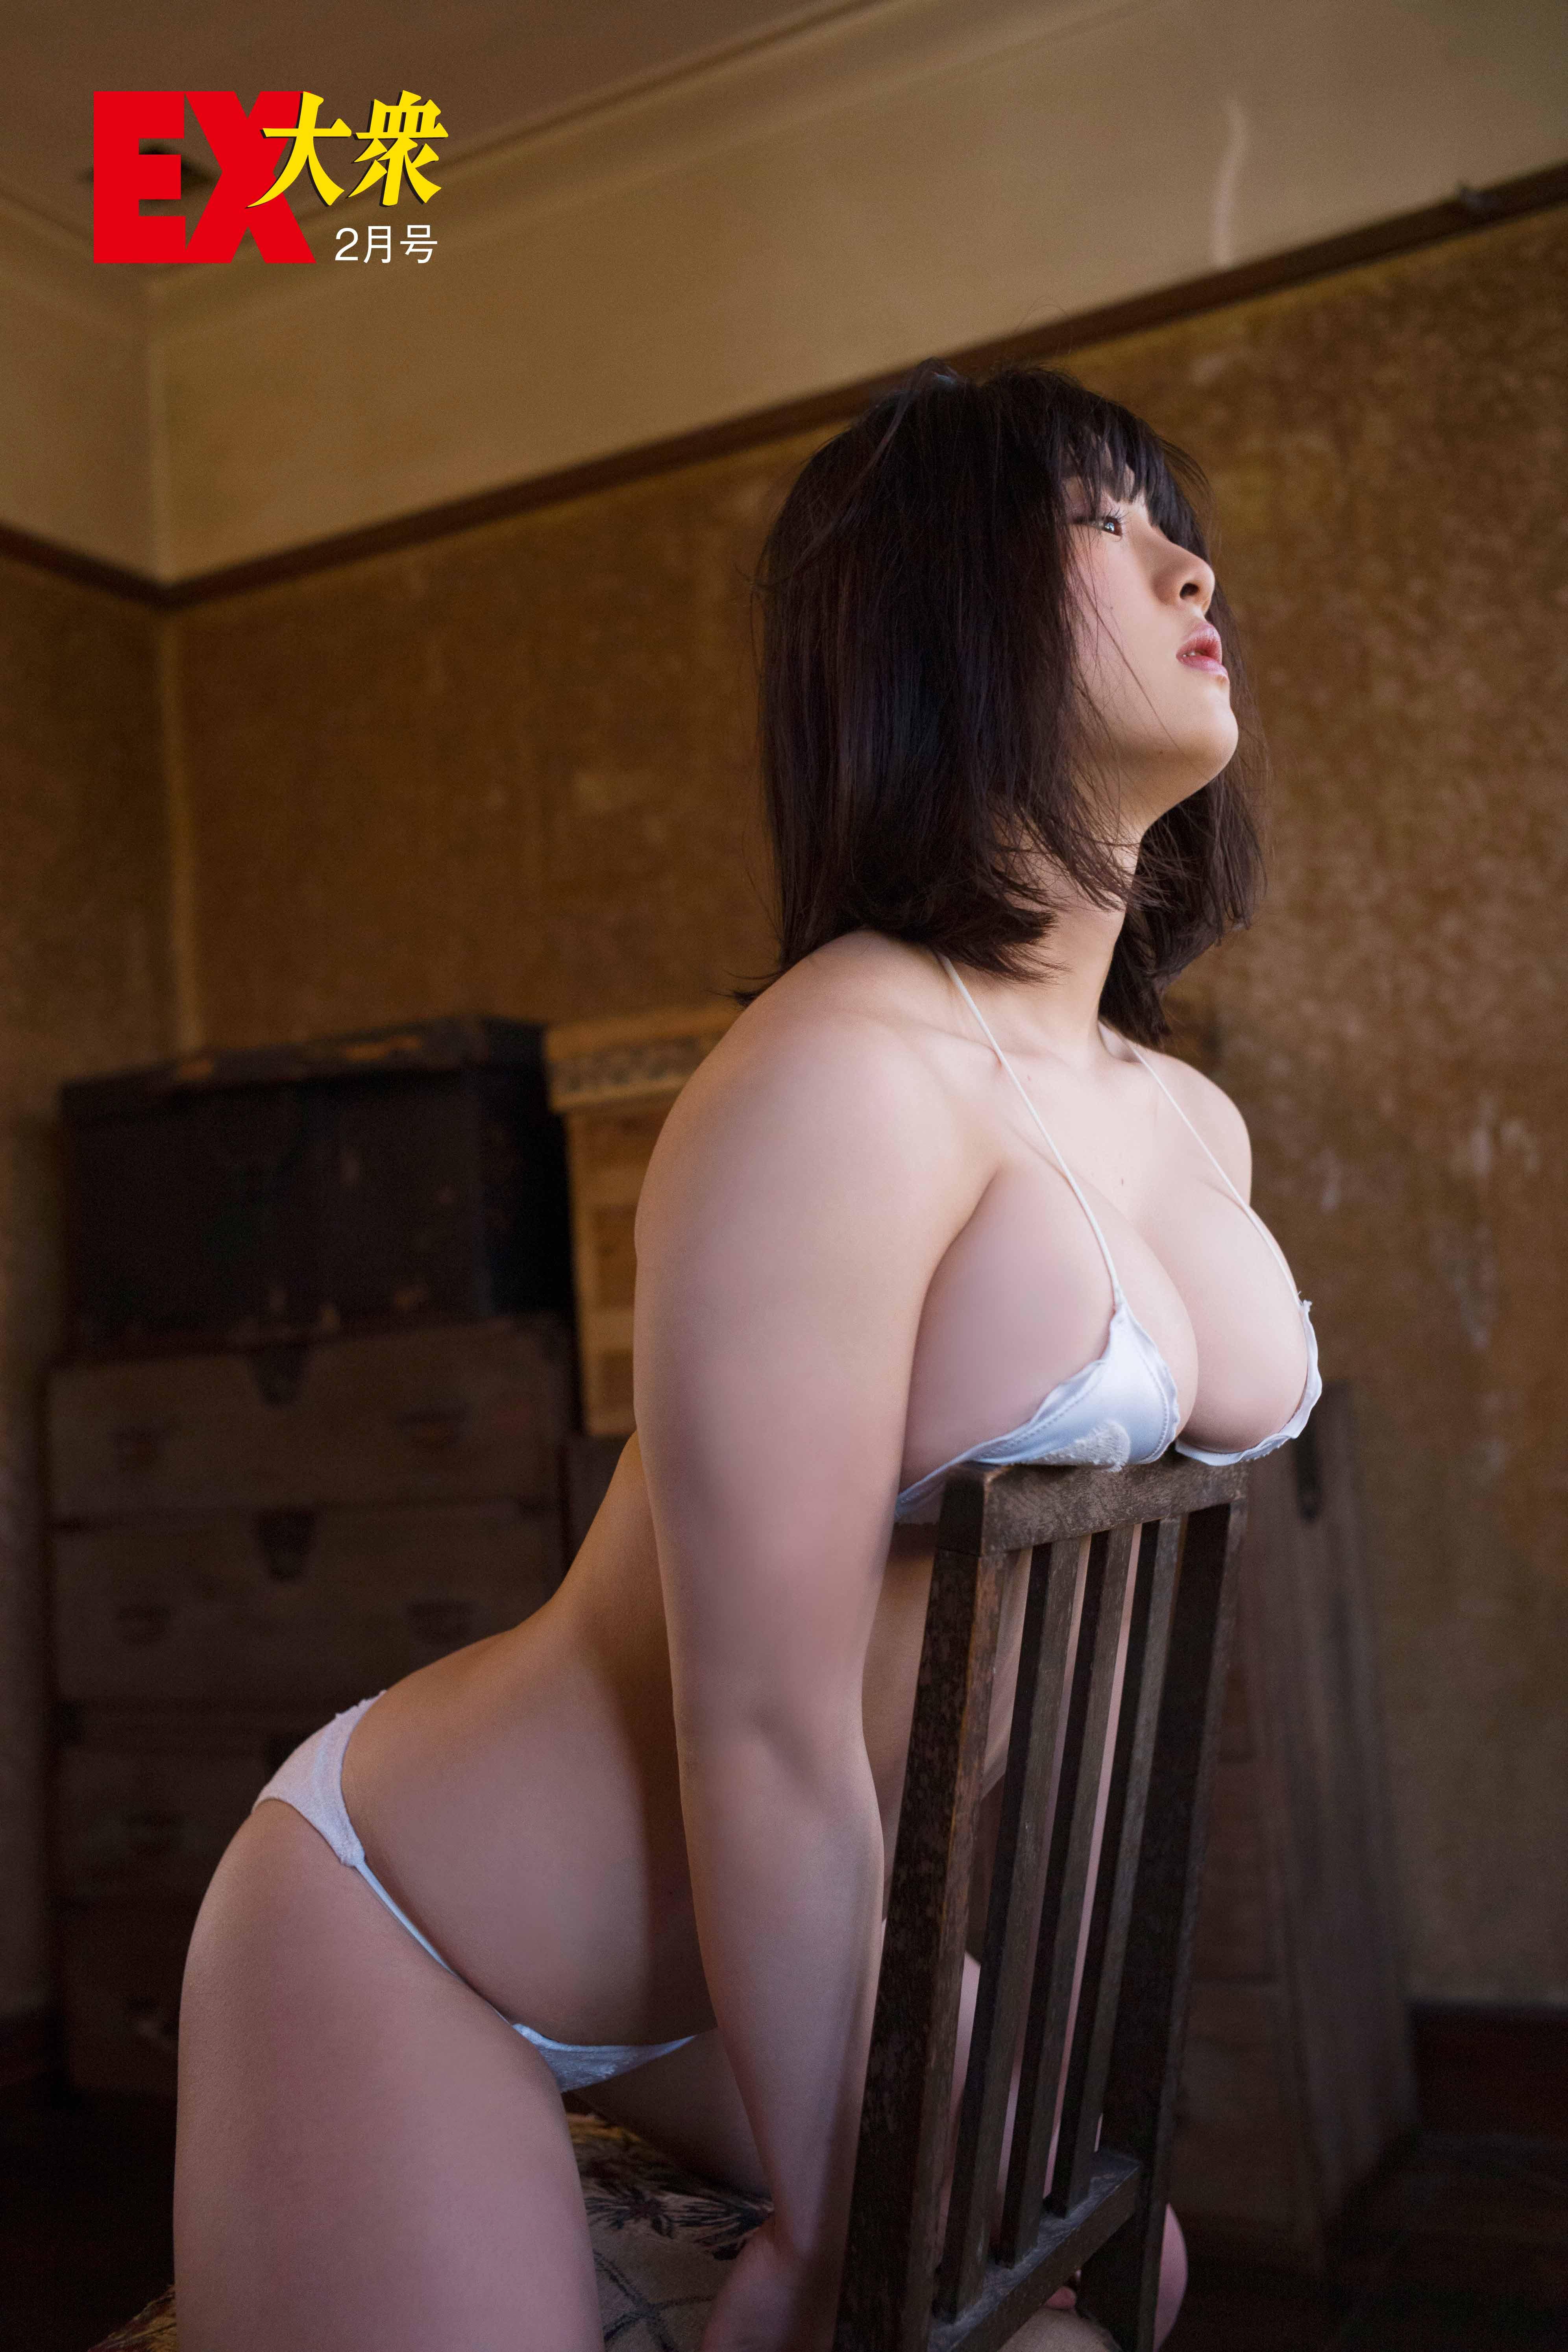 大間乃トーコ「今野杏南さんを見て本当にけしからんと思って(笑)、そこから一気にグラビアにハマったんです」【独占告白2/9】【画像6枚】の画像003